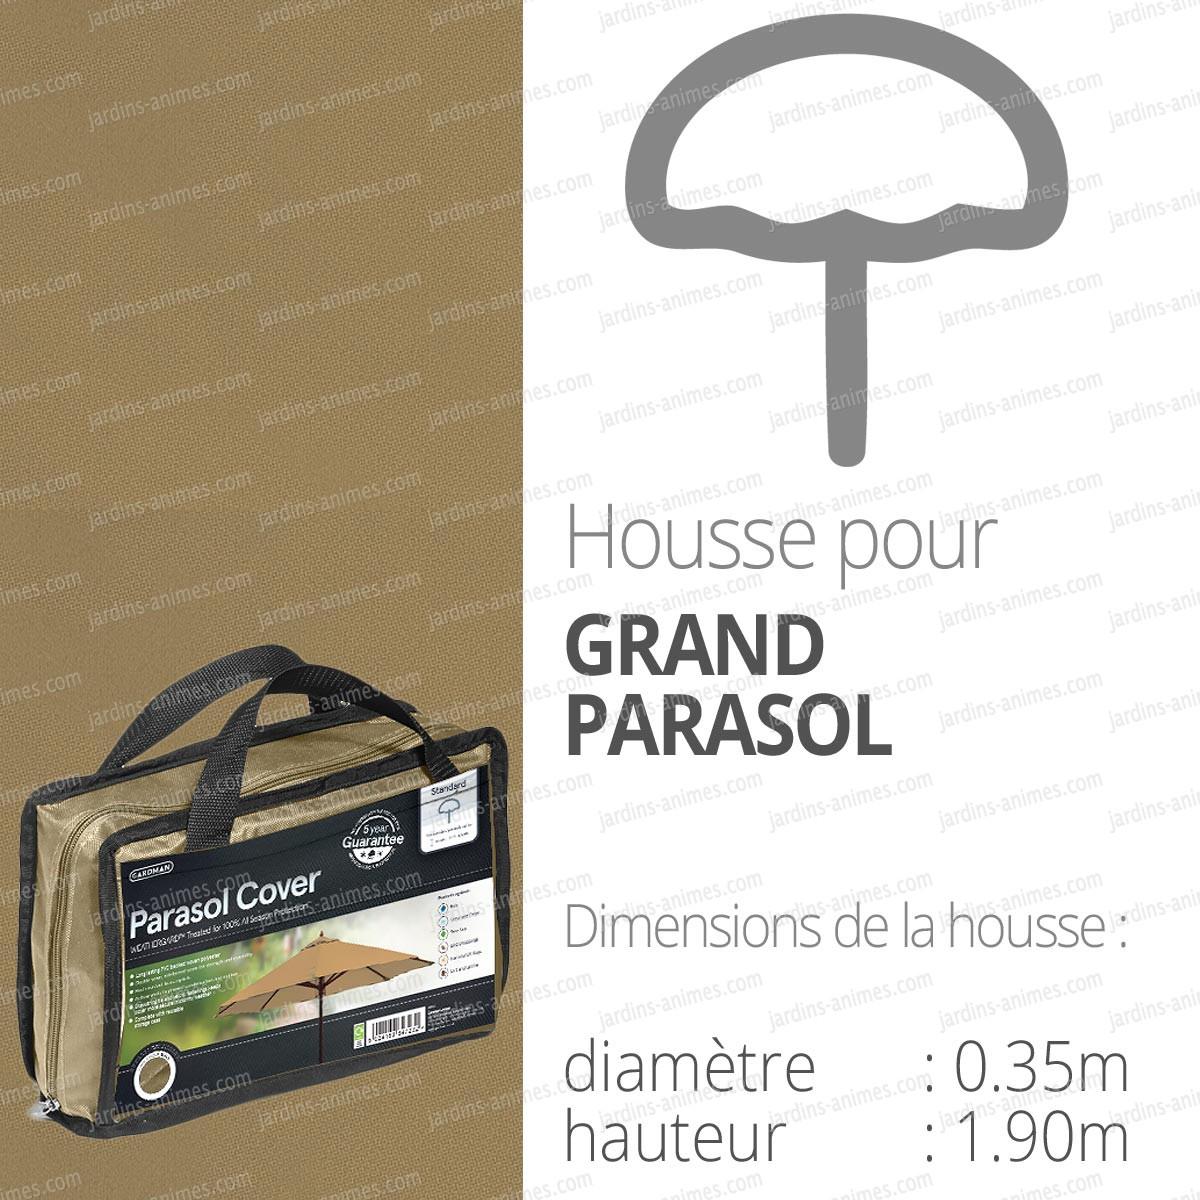 housse bache protection grand parasol diam 35cm couleur beige protection du mobilier de jardin. Black Bedroom Furniture Sets. Home Design Ideas